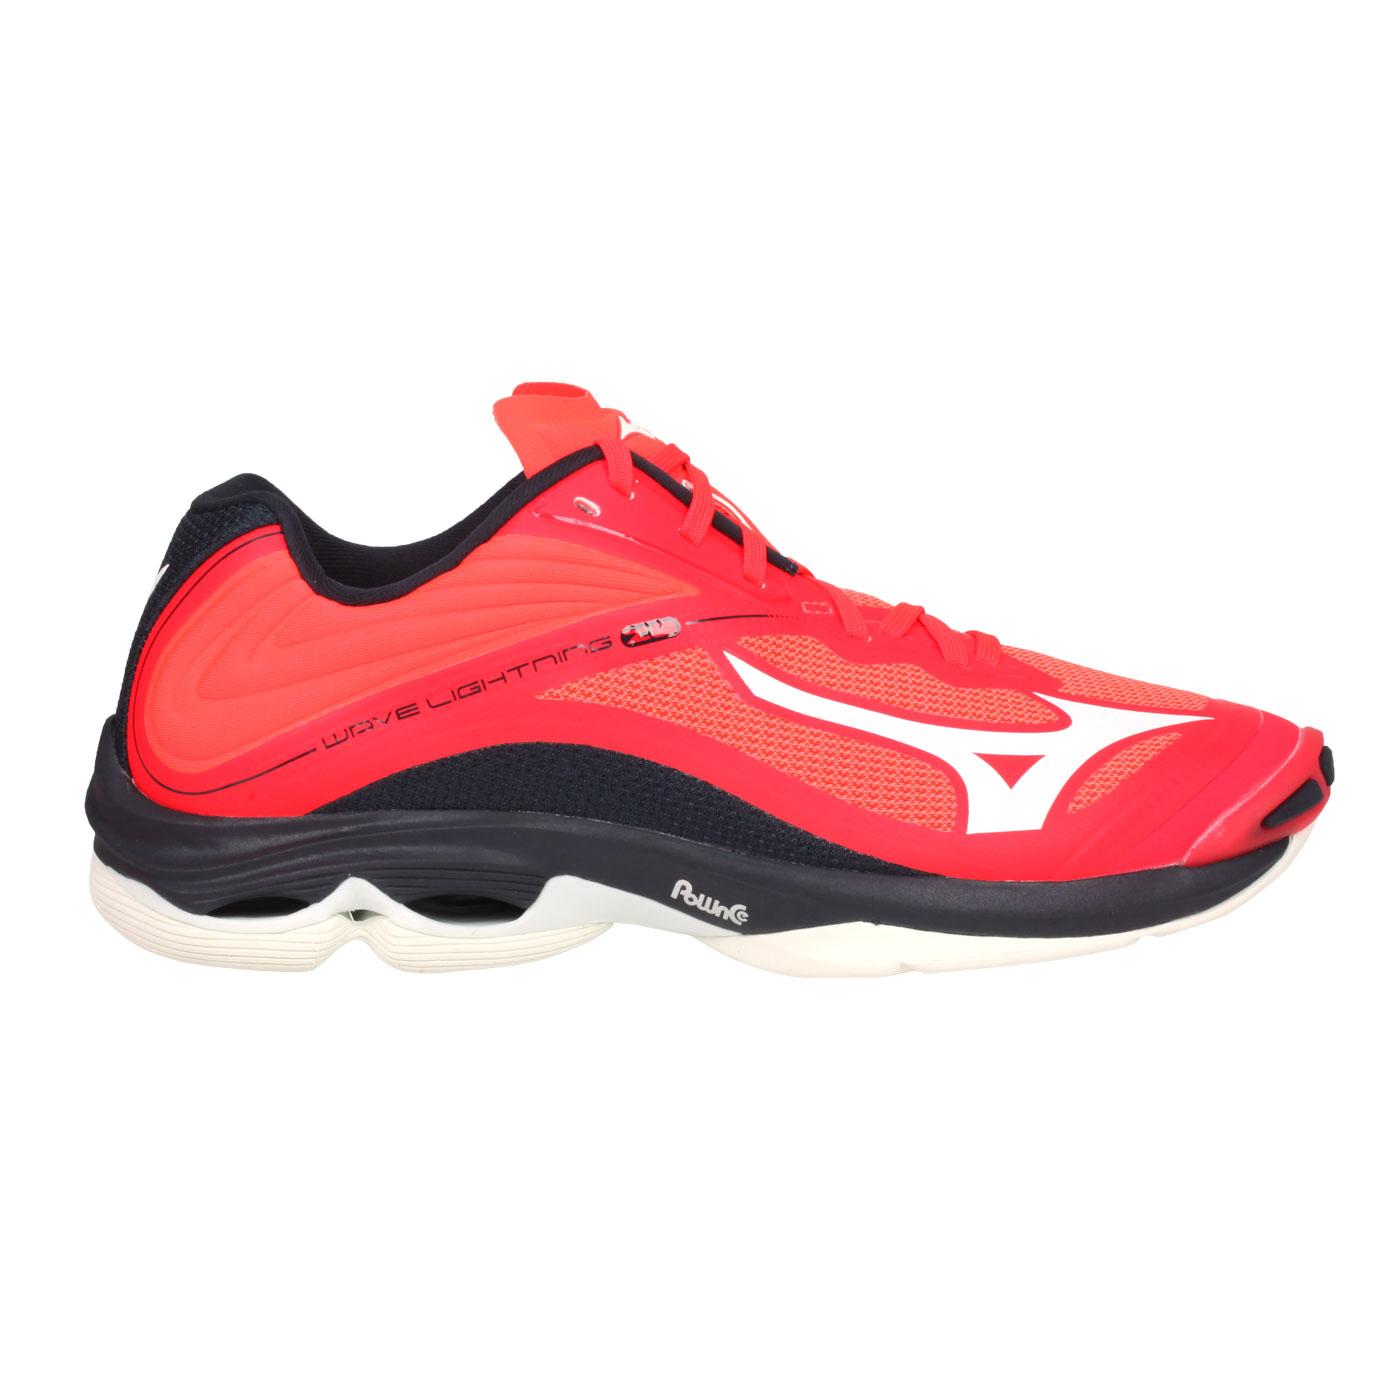 MIZUNO 男款排球鞋  @WAVE LIGHTNING Z6@V1GA200063 - 橘紅黑白